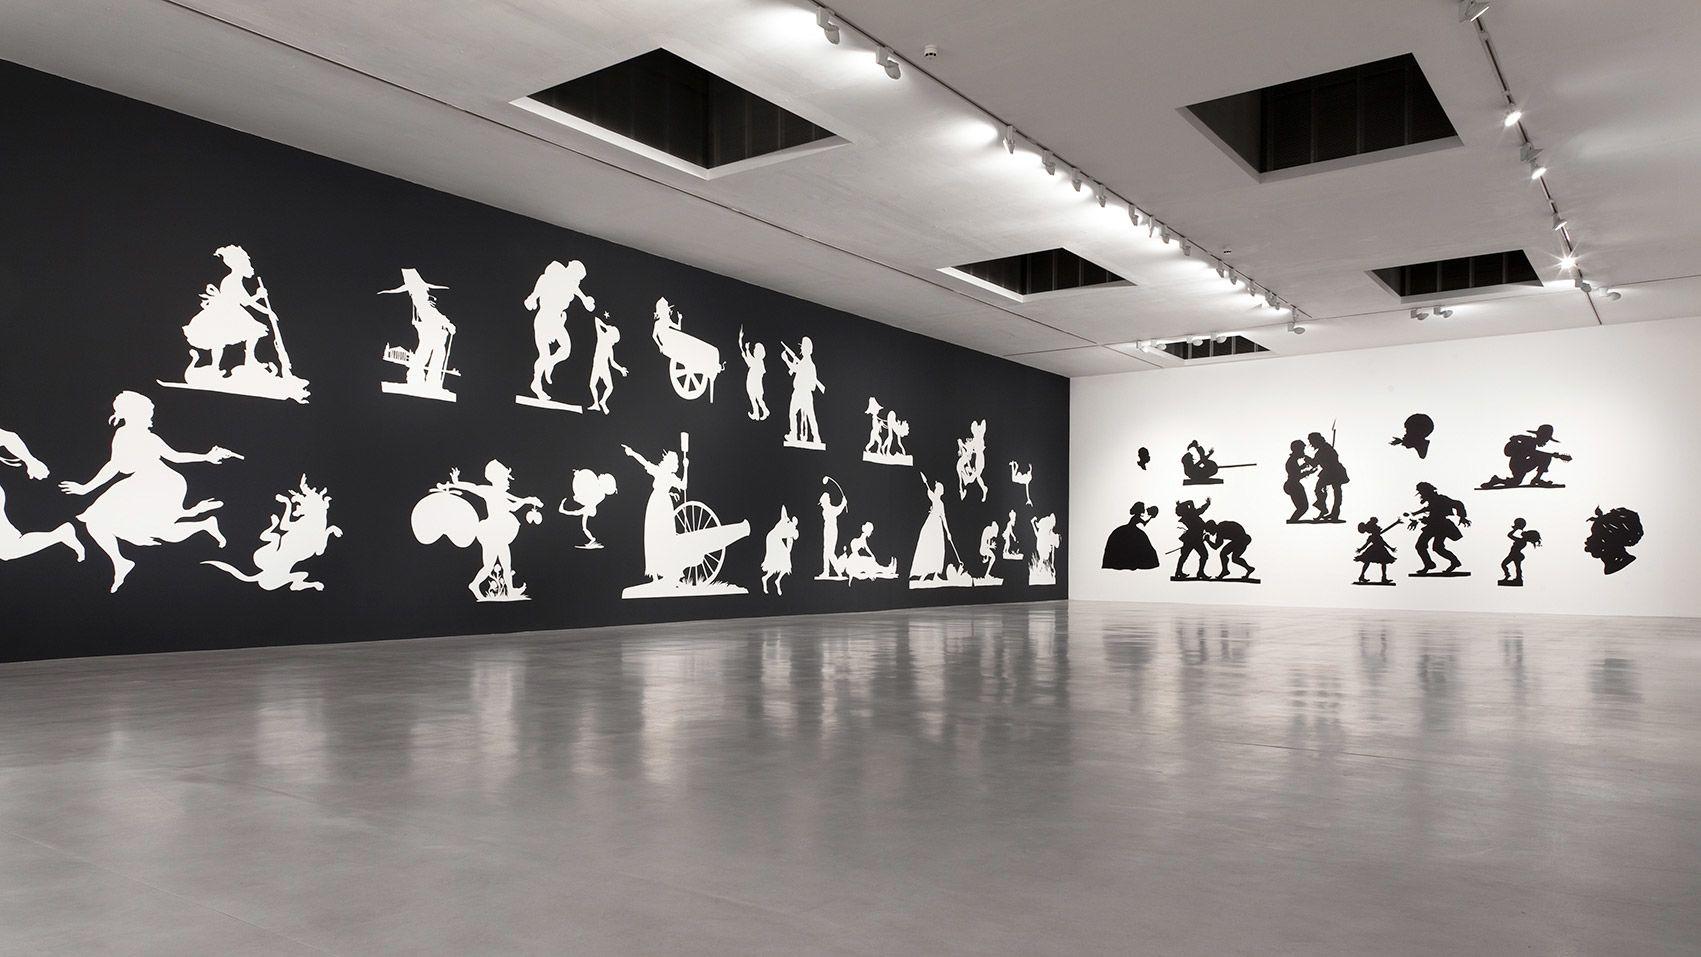 Kara Walker – THE SOVEREIGN CITIZENS SESQUICENTENNIAL CIVIL WAR CELEBRATION – Berlin